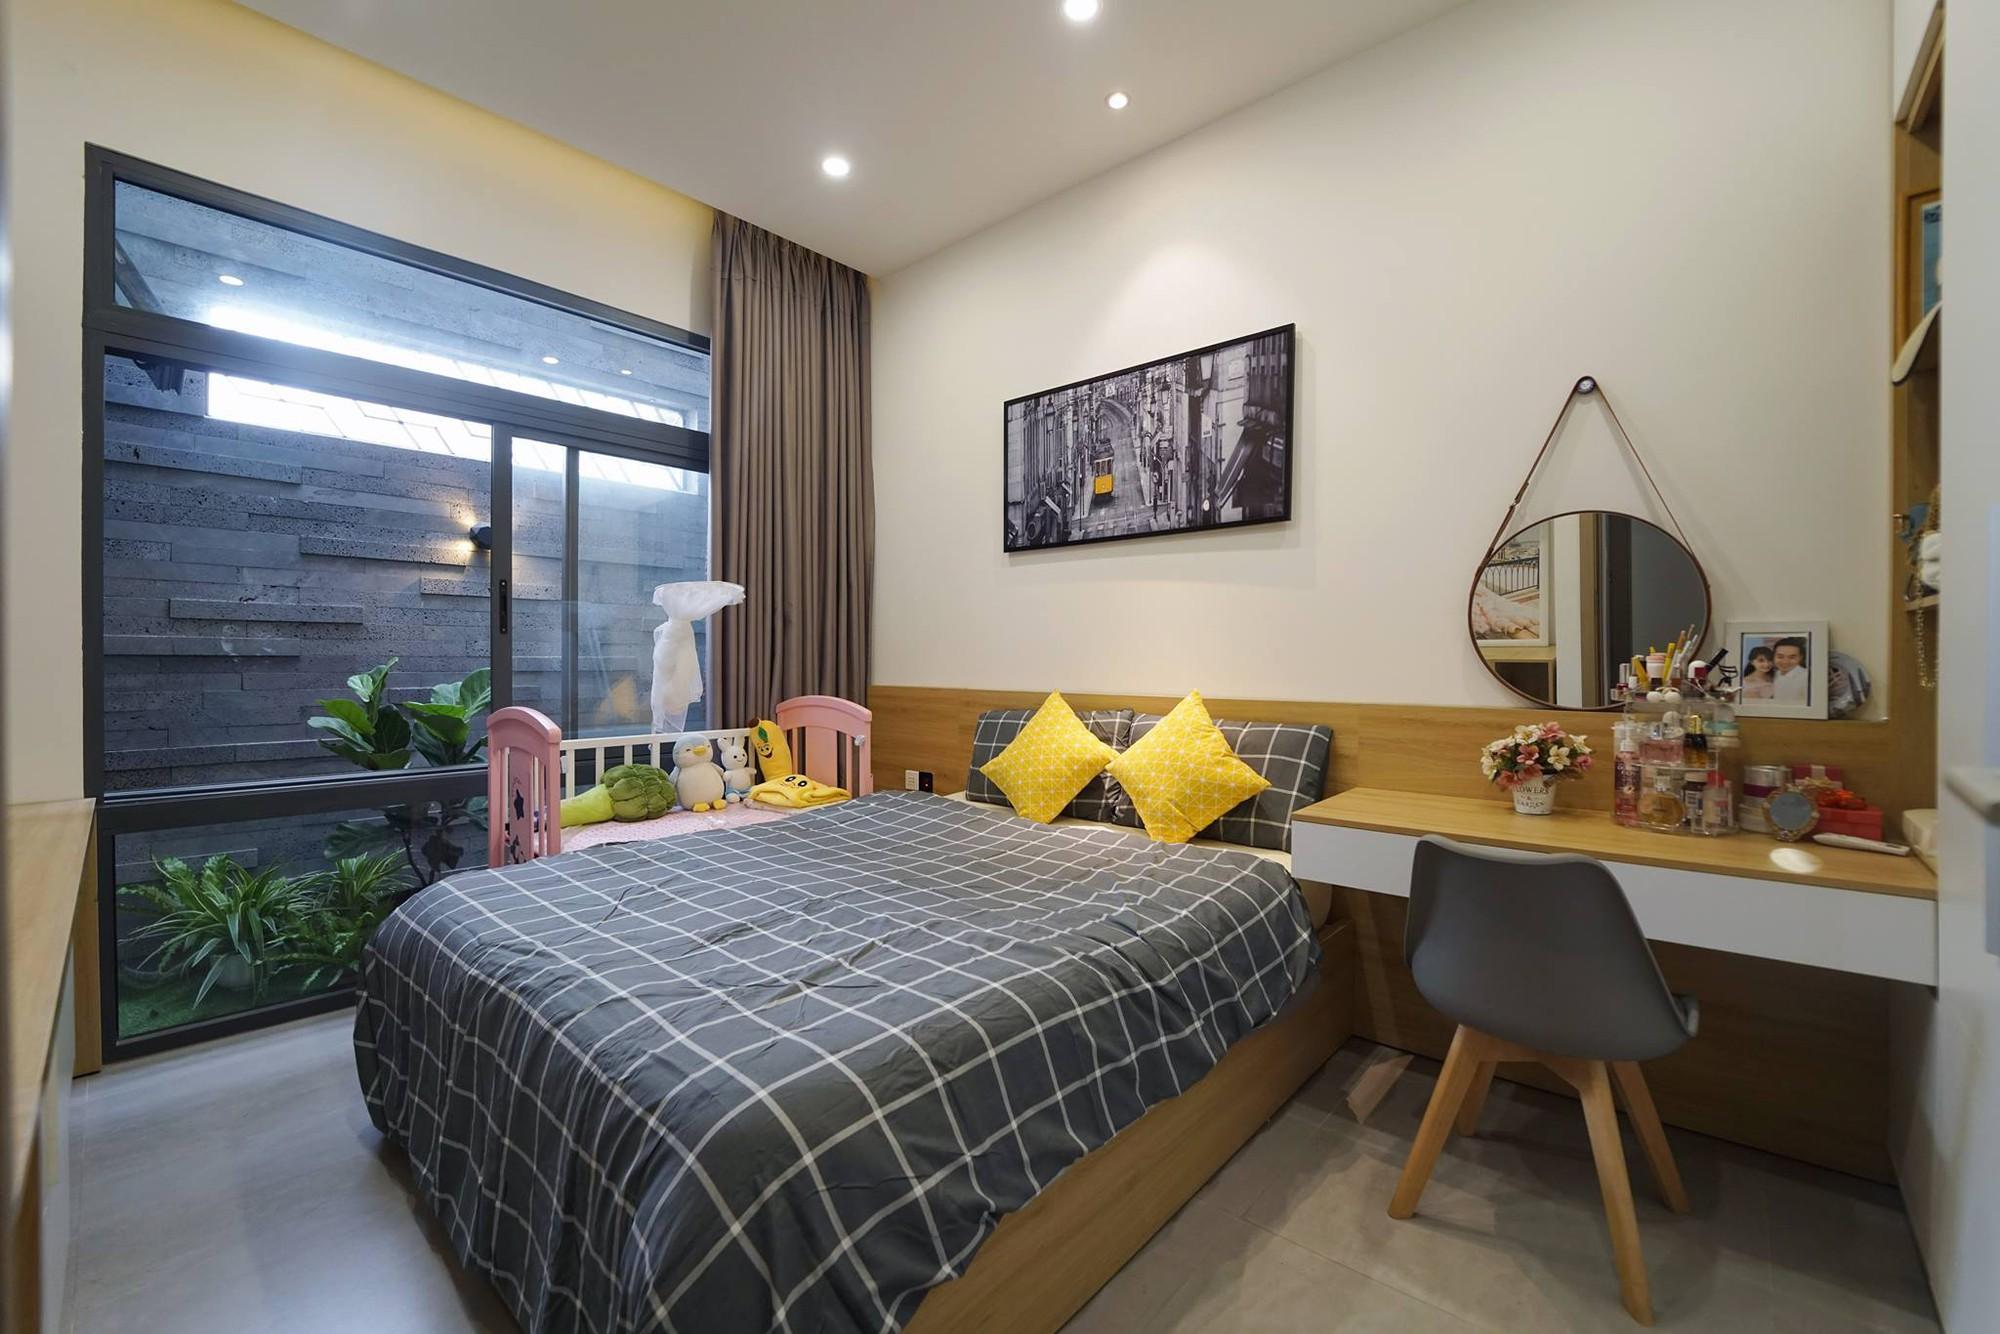 Ngôi nhà trẻ trung, ấm cúng của cặp vợ chồng trẻ với chi phí 950 triệu ở Đà Nẵng  - Ảnh 12.